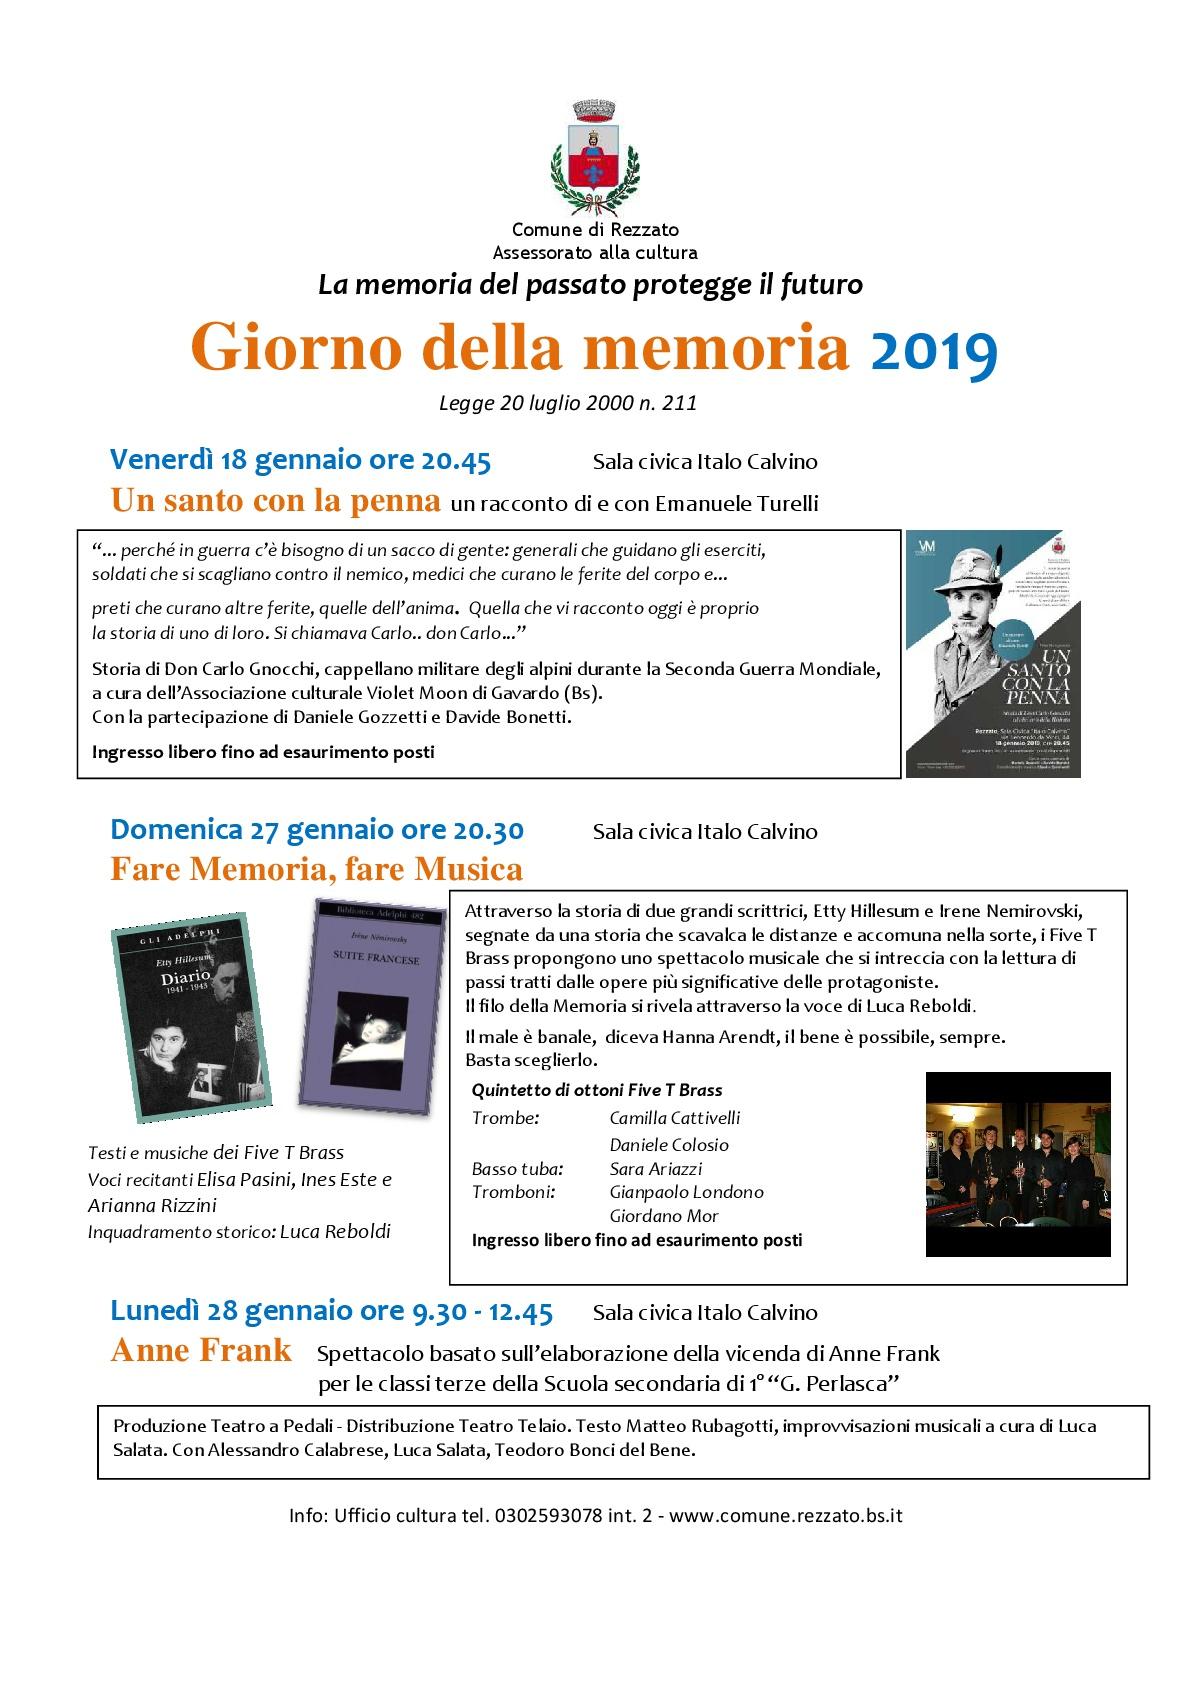 Rezzato Giorno Memoria_2019-001